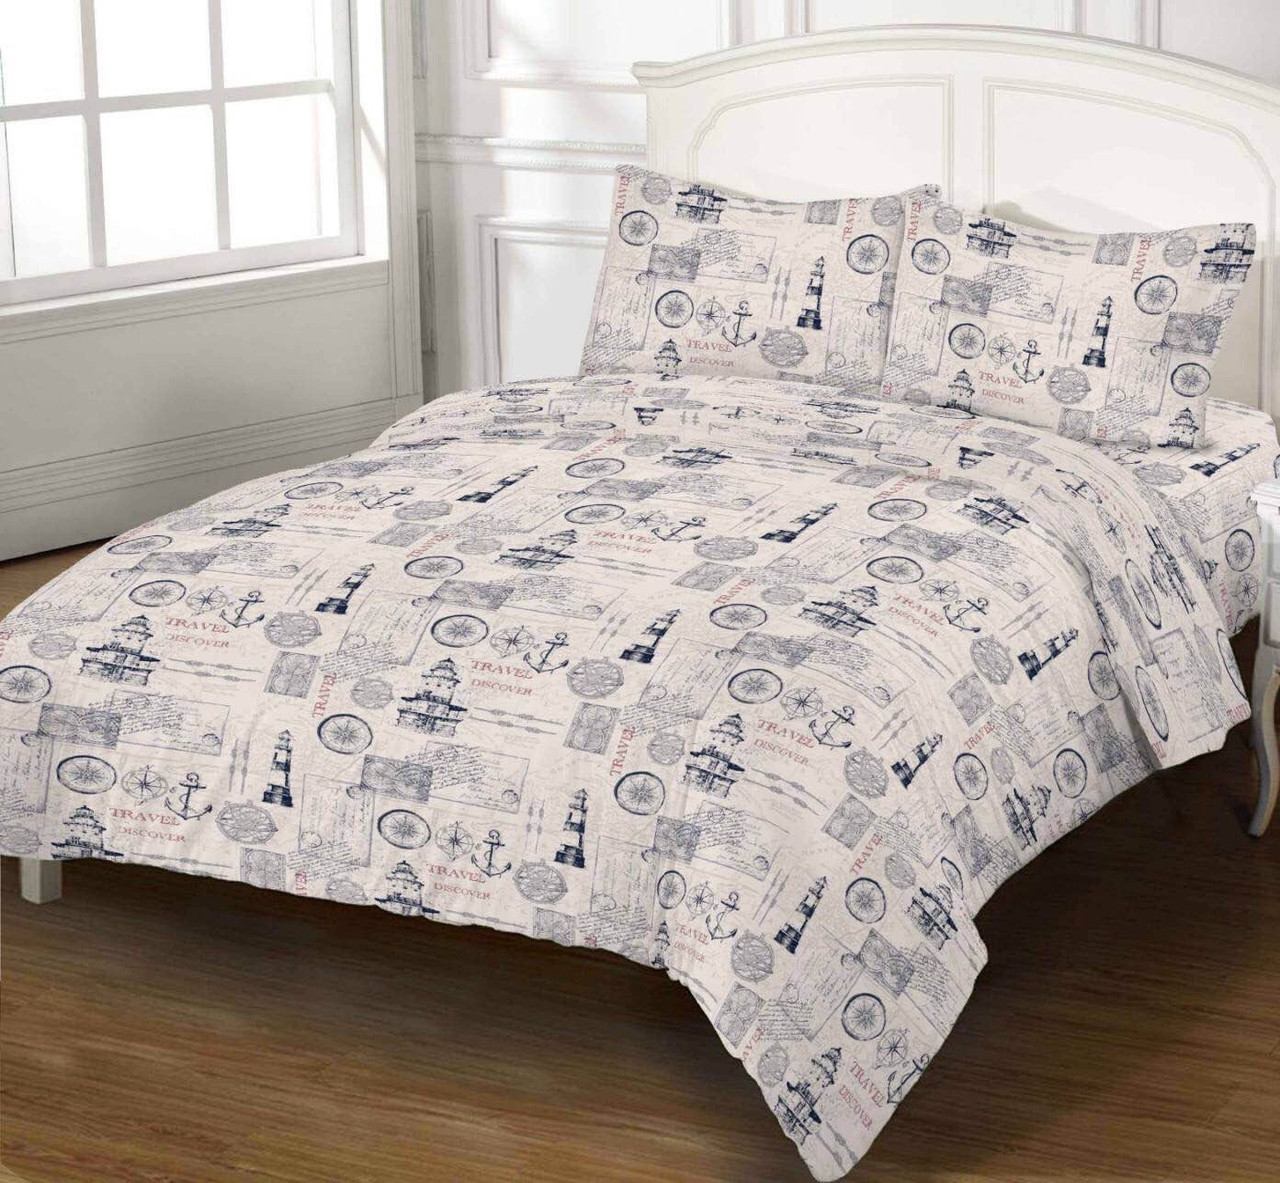 Комплект постельного белья DOTINEM Seni Бязь полуторный 150х215 (8802-103)